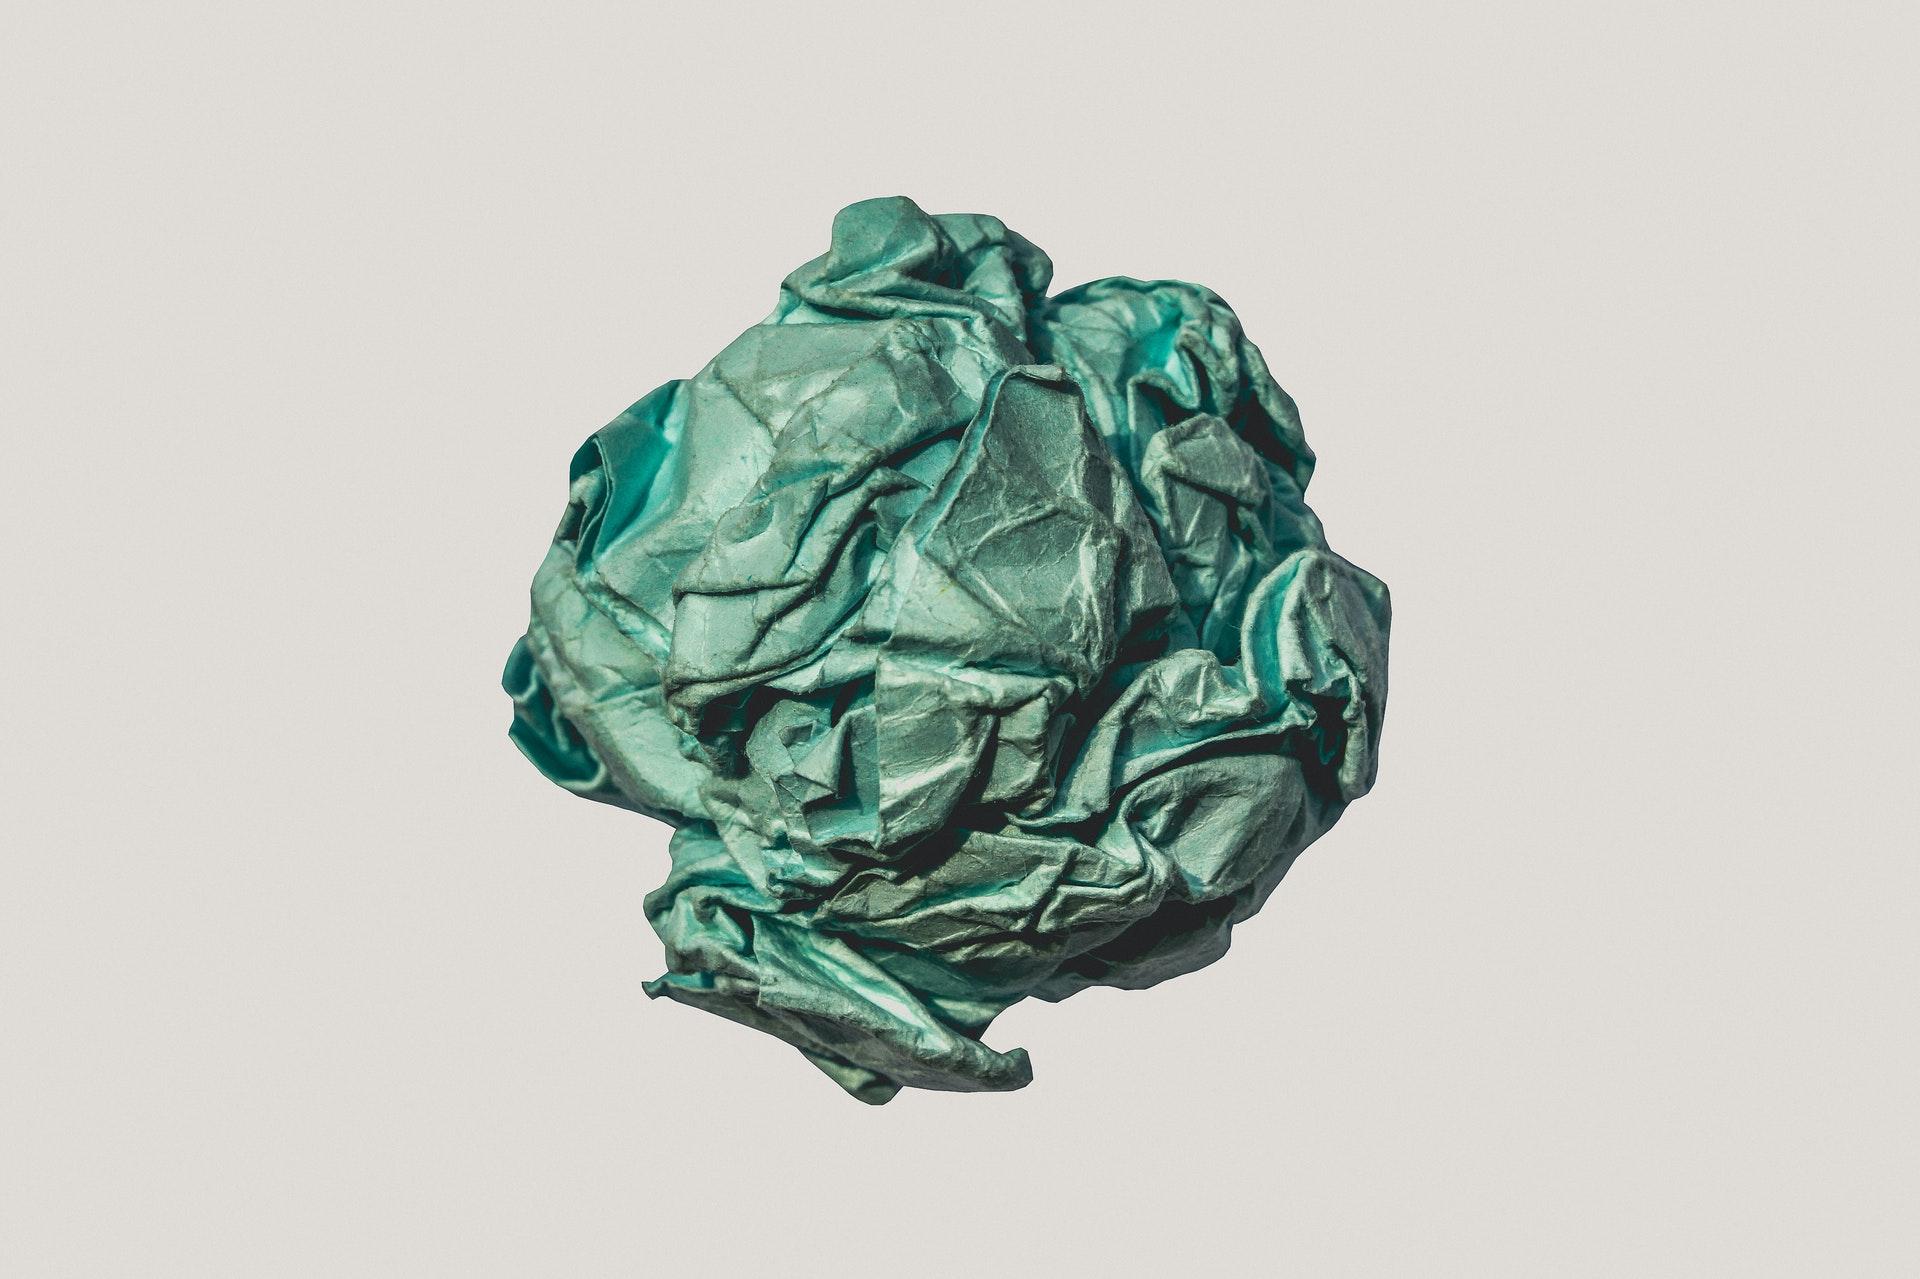 Cómo se hace el papel ecológico de algodón. Paso a paso